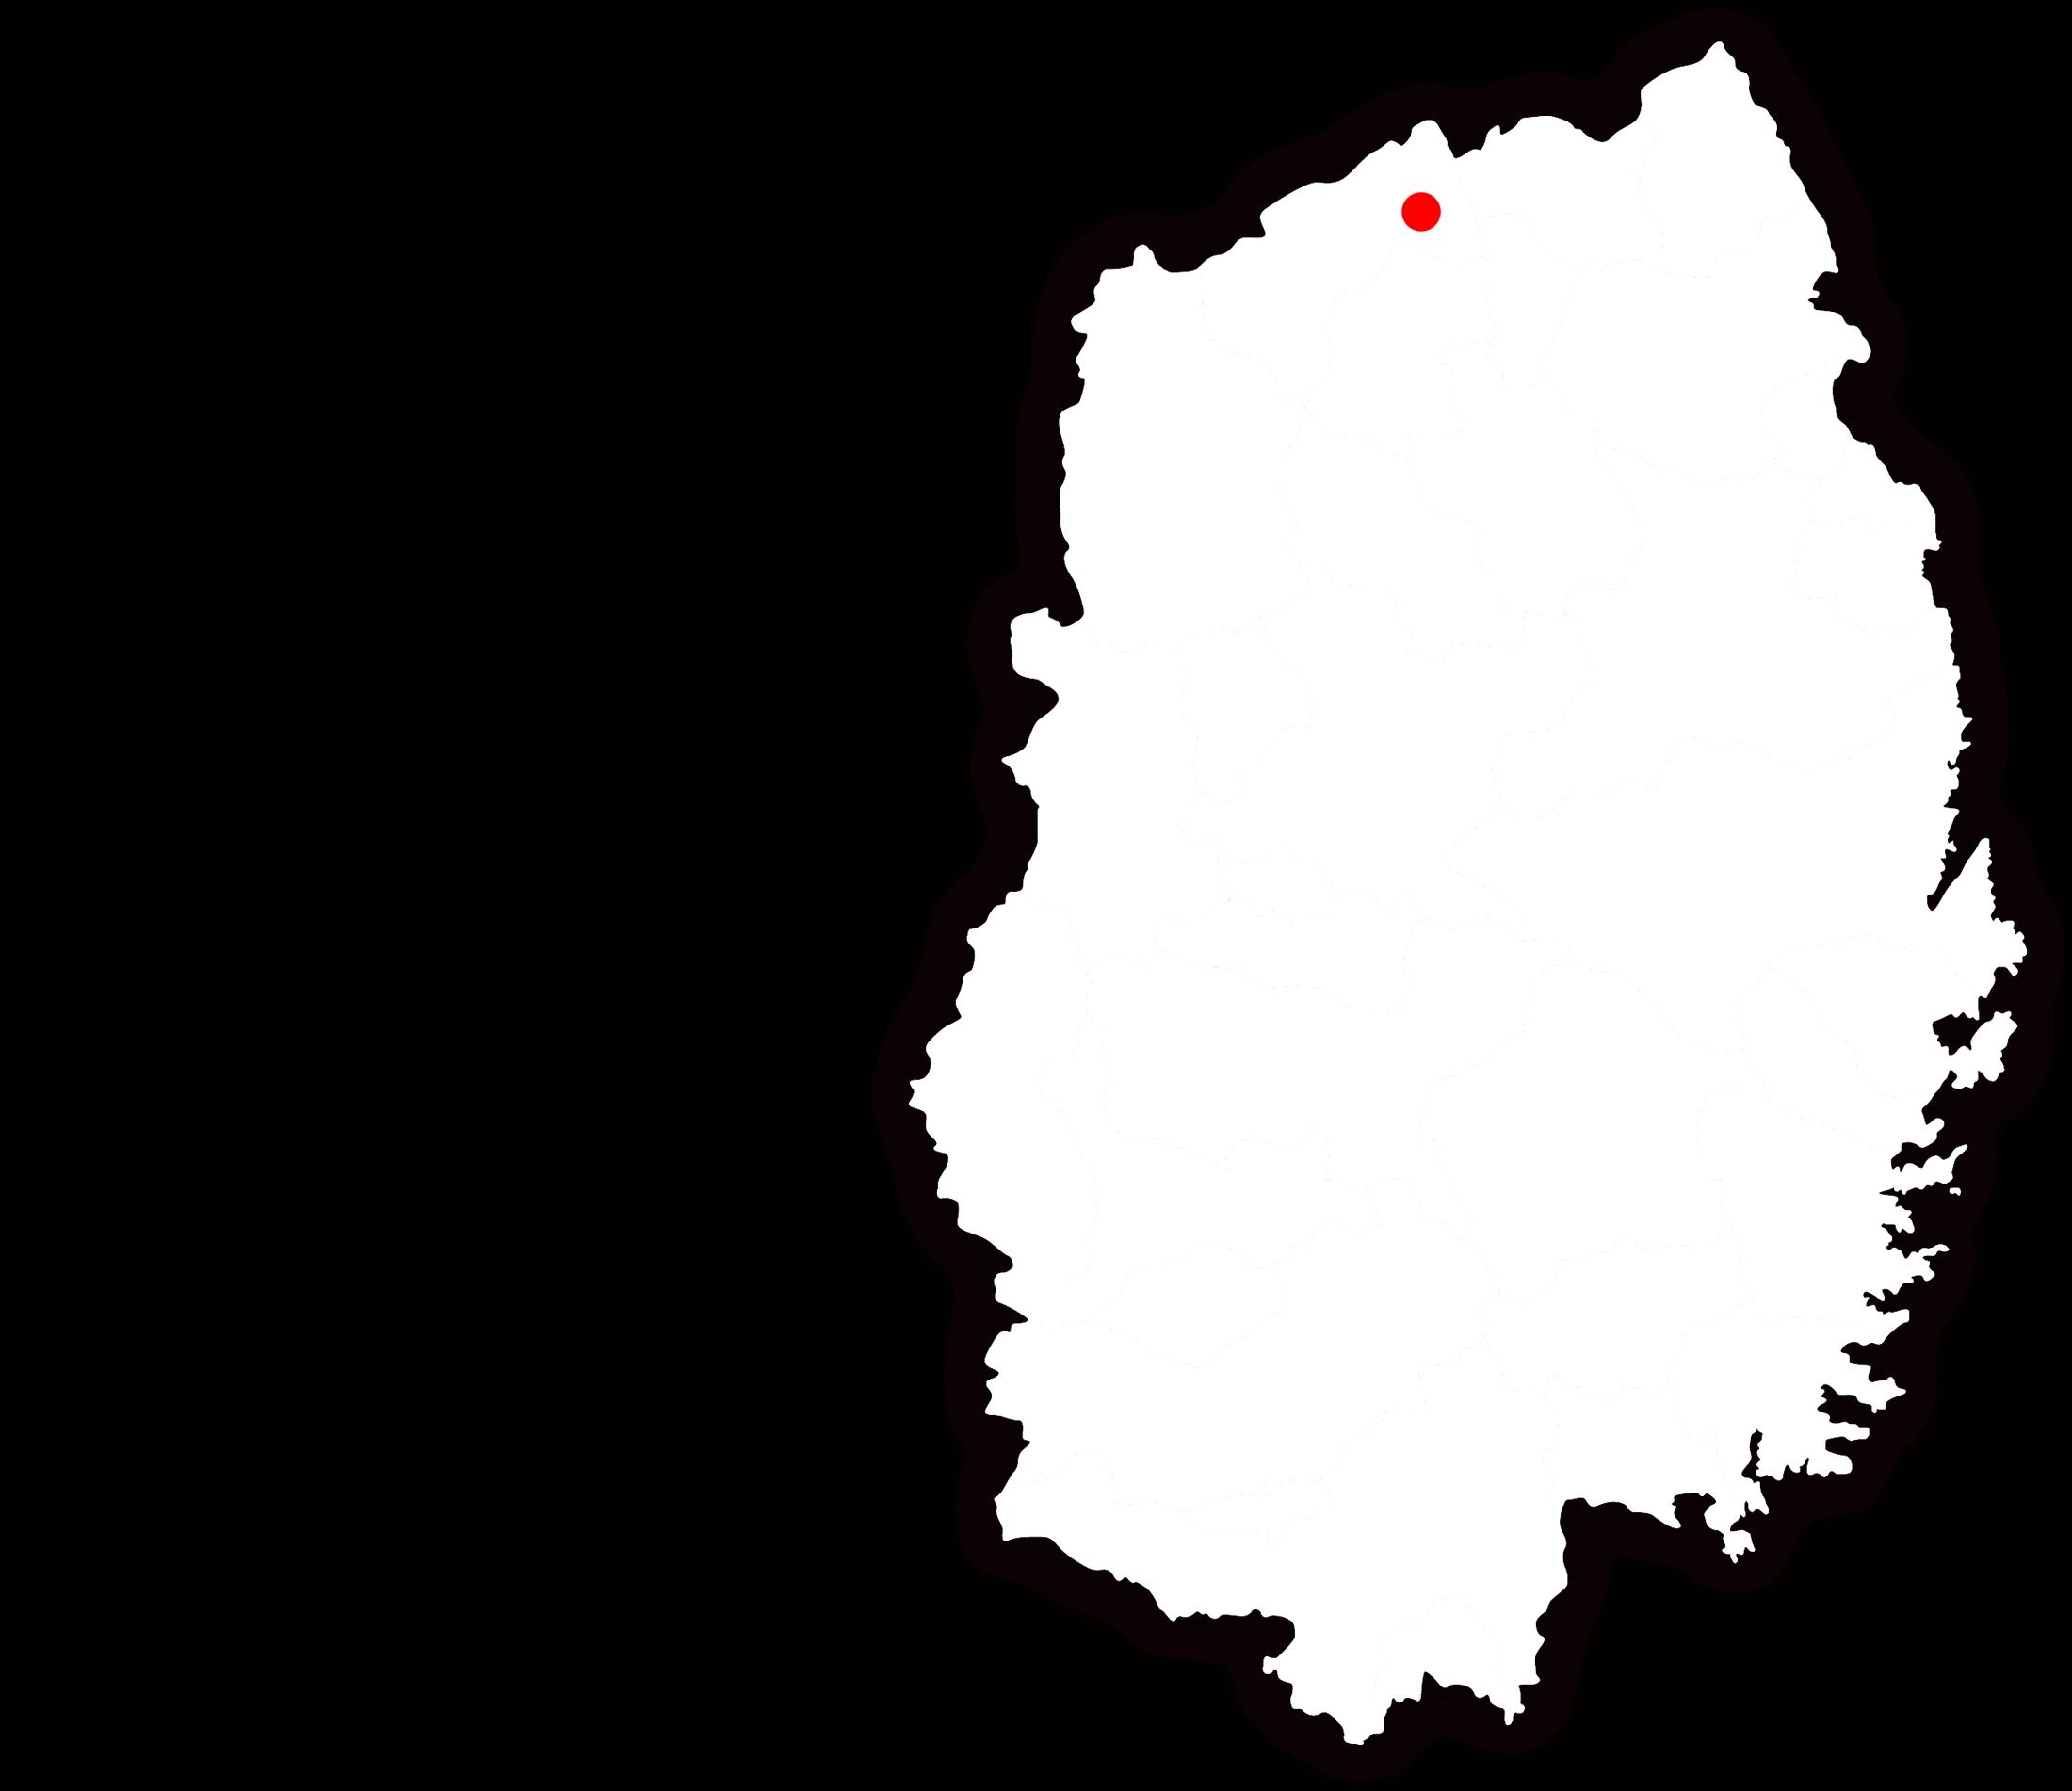 南部美人(株式会社南部美人)岩手県